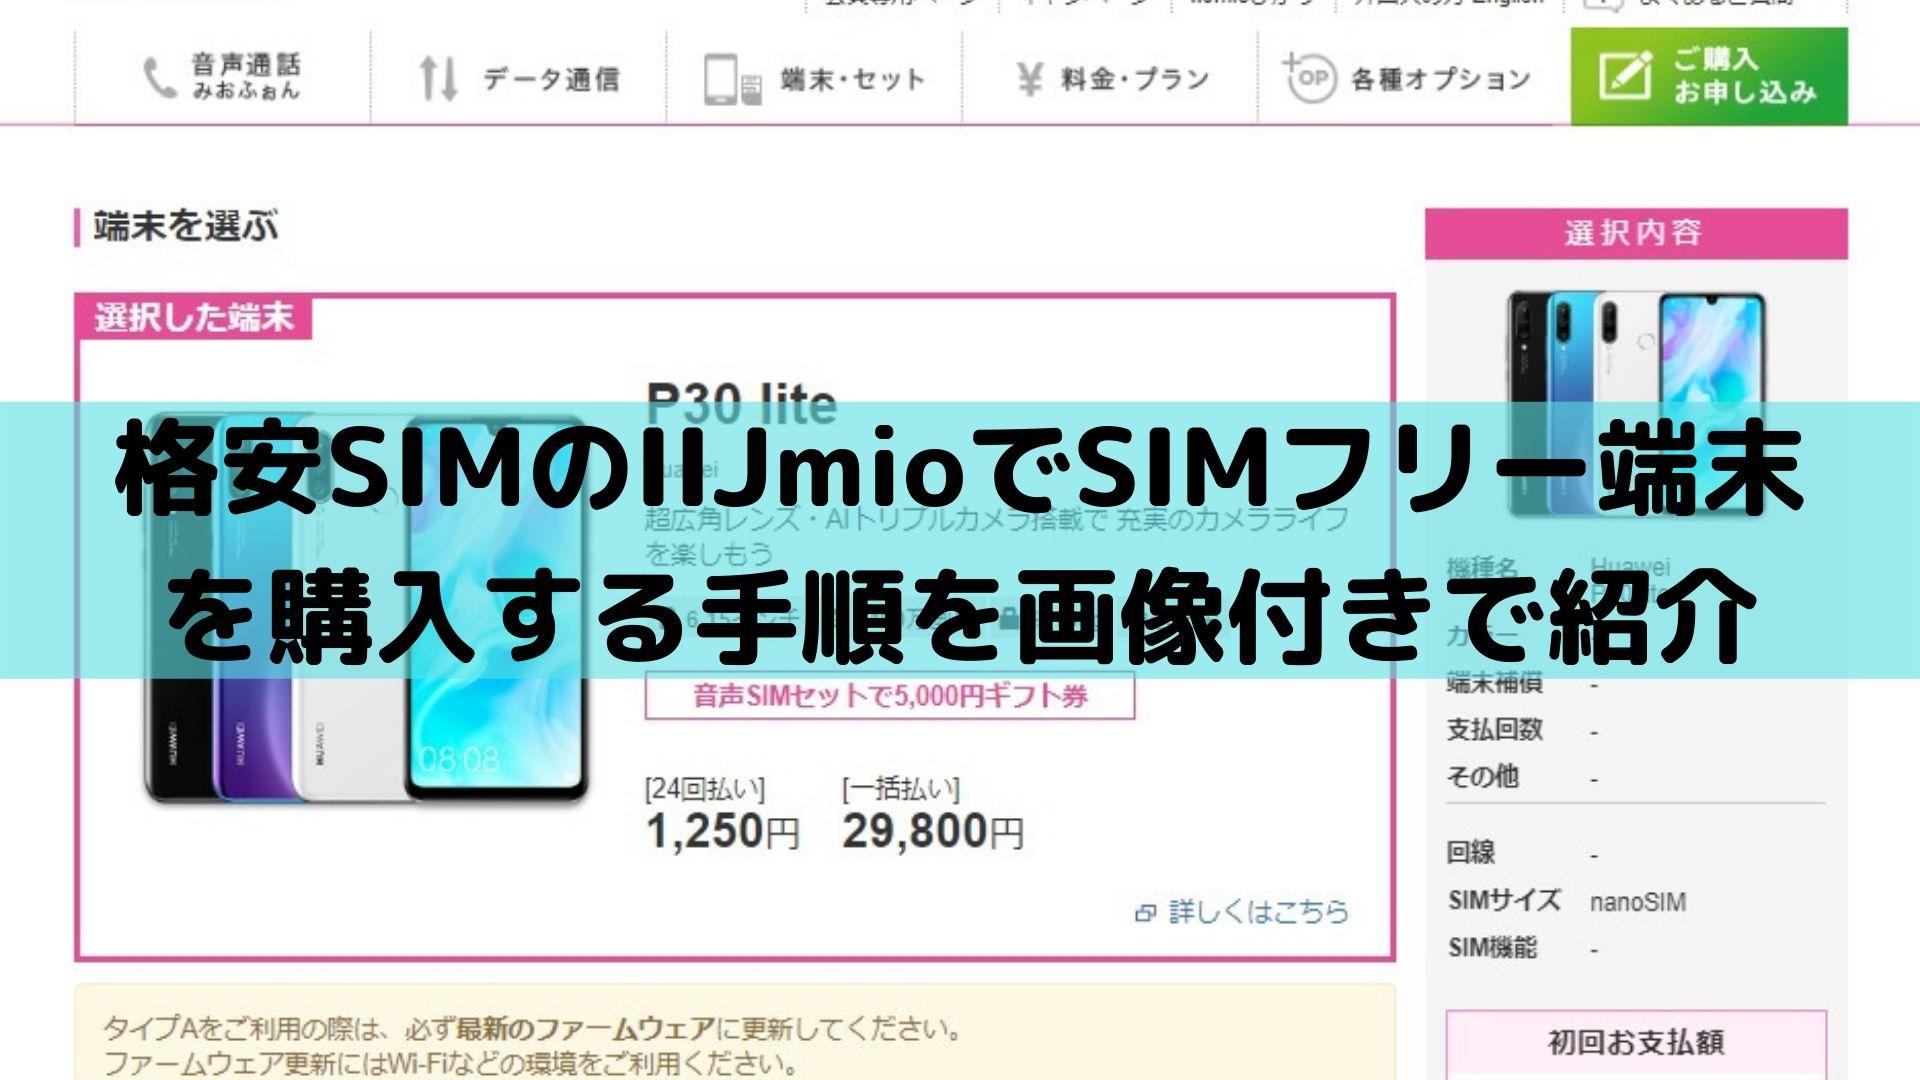 格安SIMのIIJmioでSIMフリー端末を購入する手順を画像付きで紹介